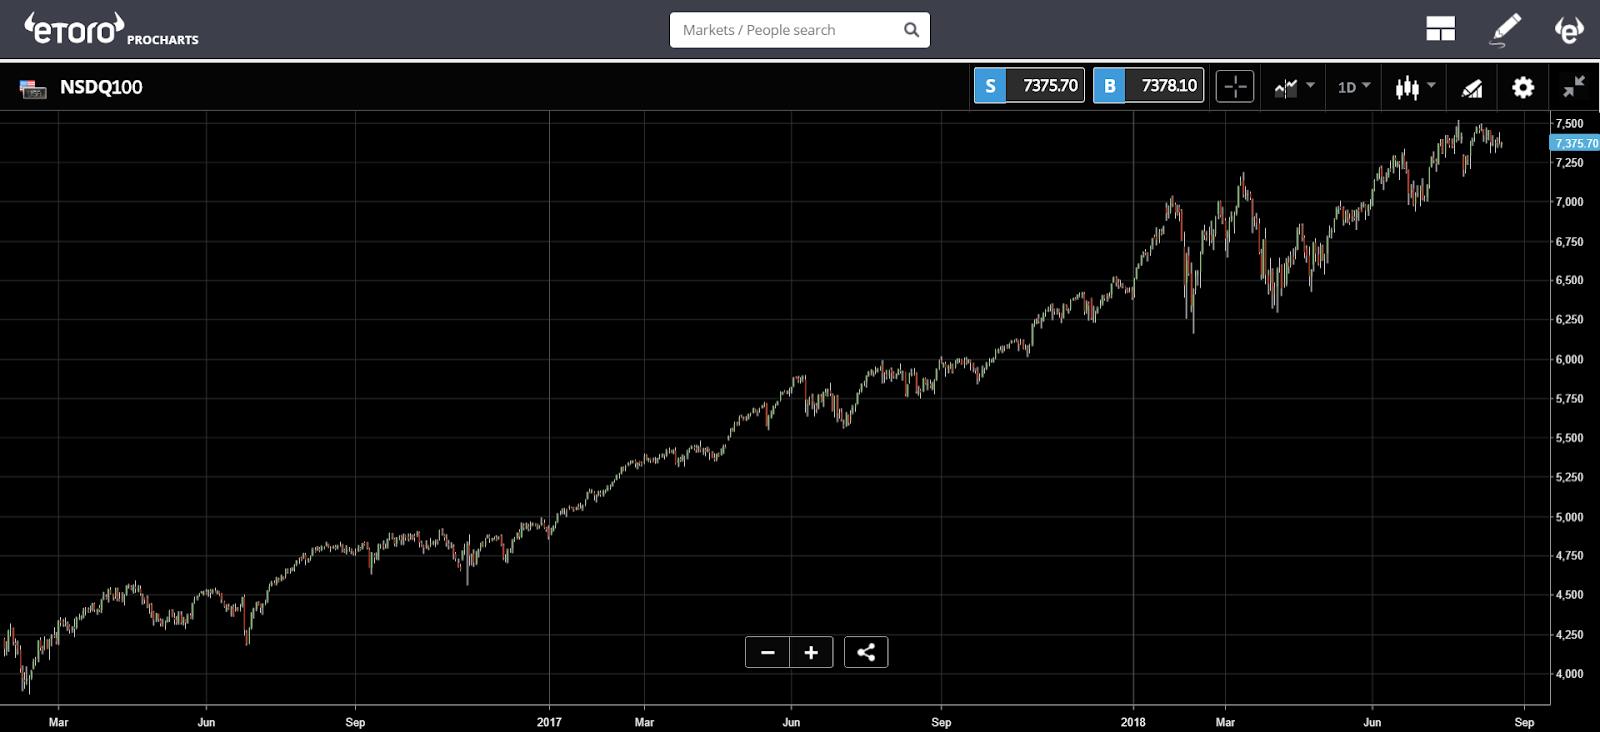 etoro, crypto, trading, bitcoin, markets, gold, commodities,